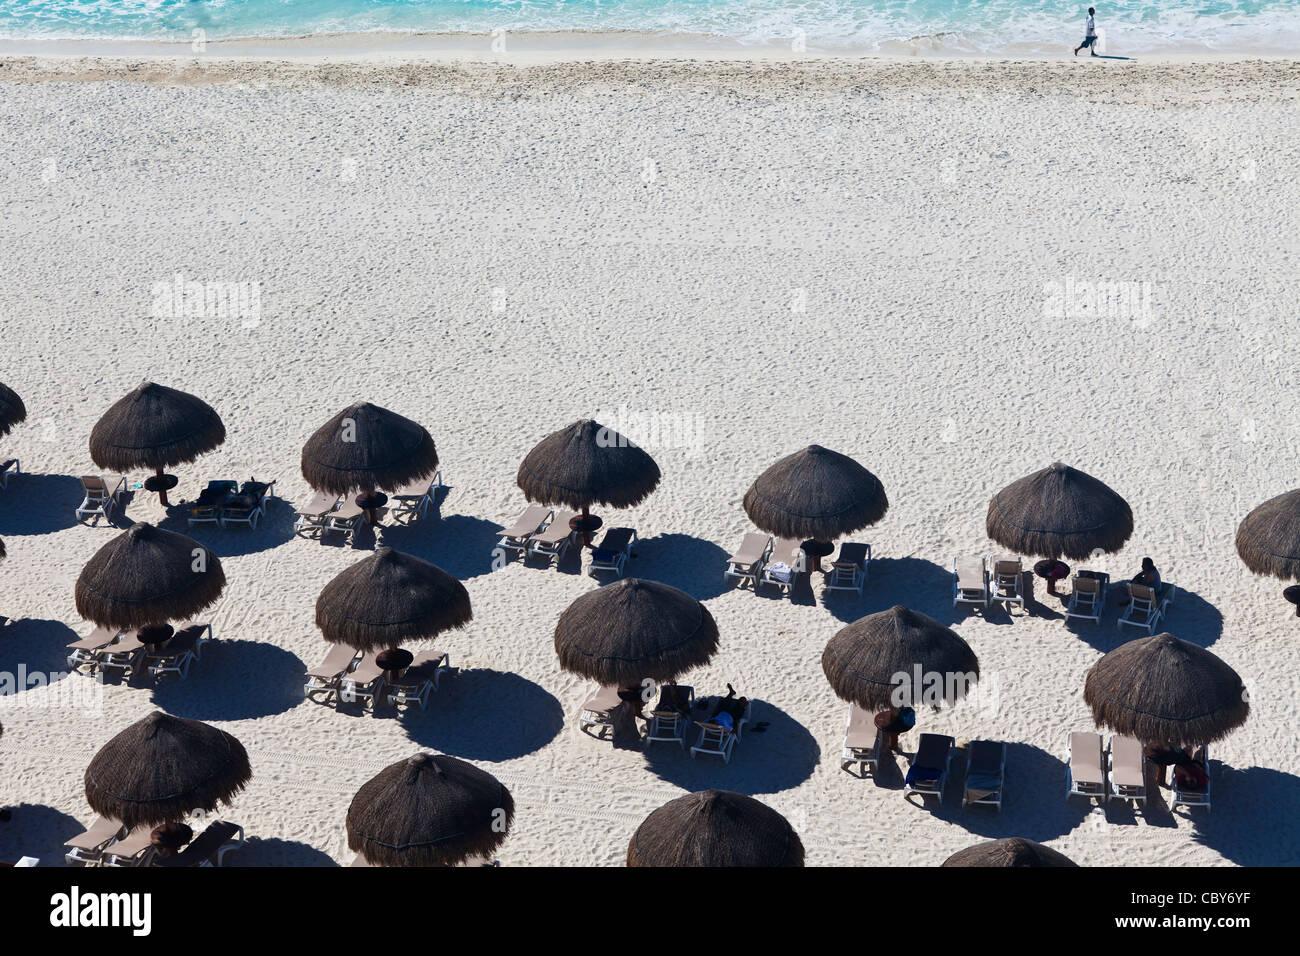 Ansicht von Regenschirmen vom 7. Stock des Krystal Hotel, Hotel Zone, Cancun, Mexiko Stockbild